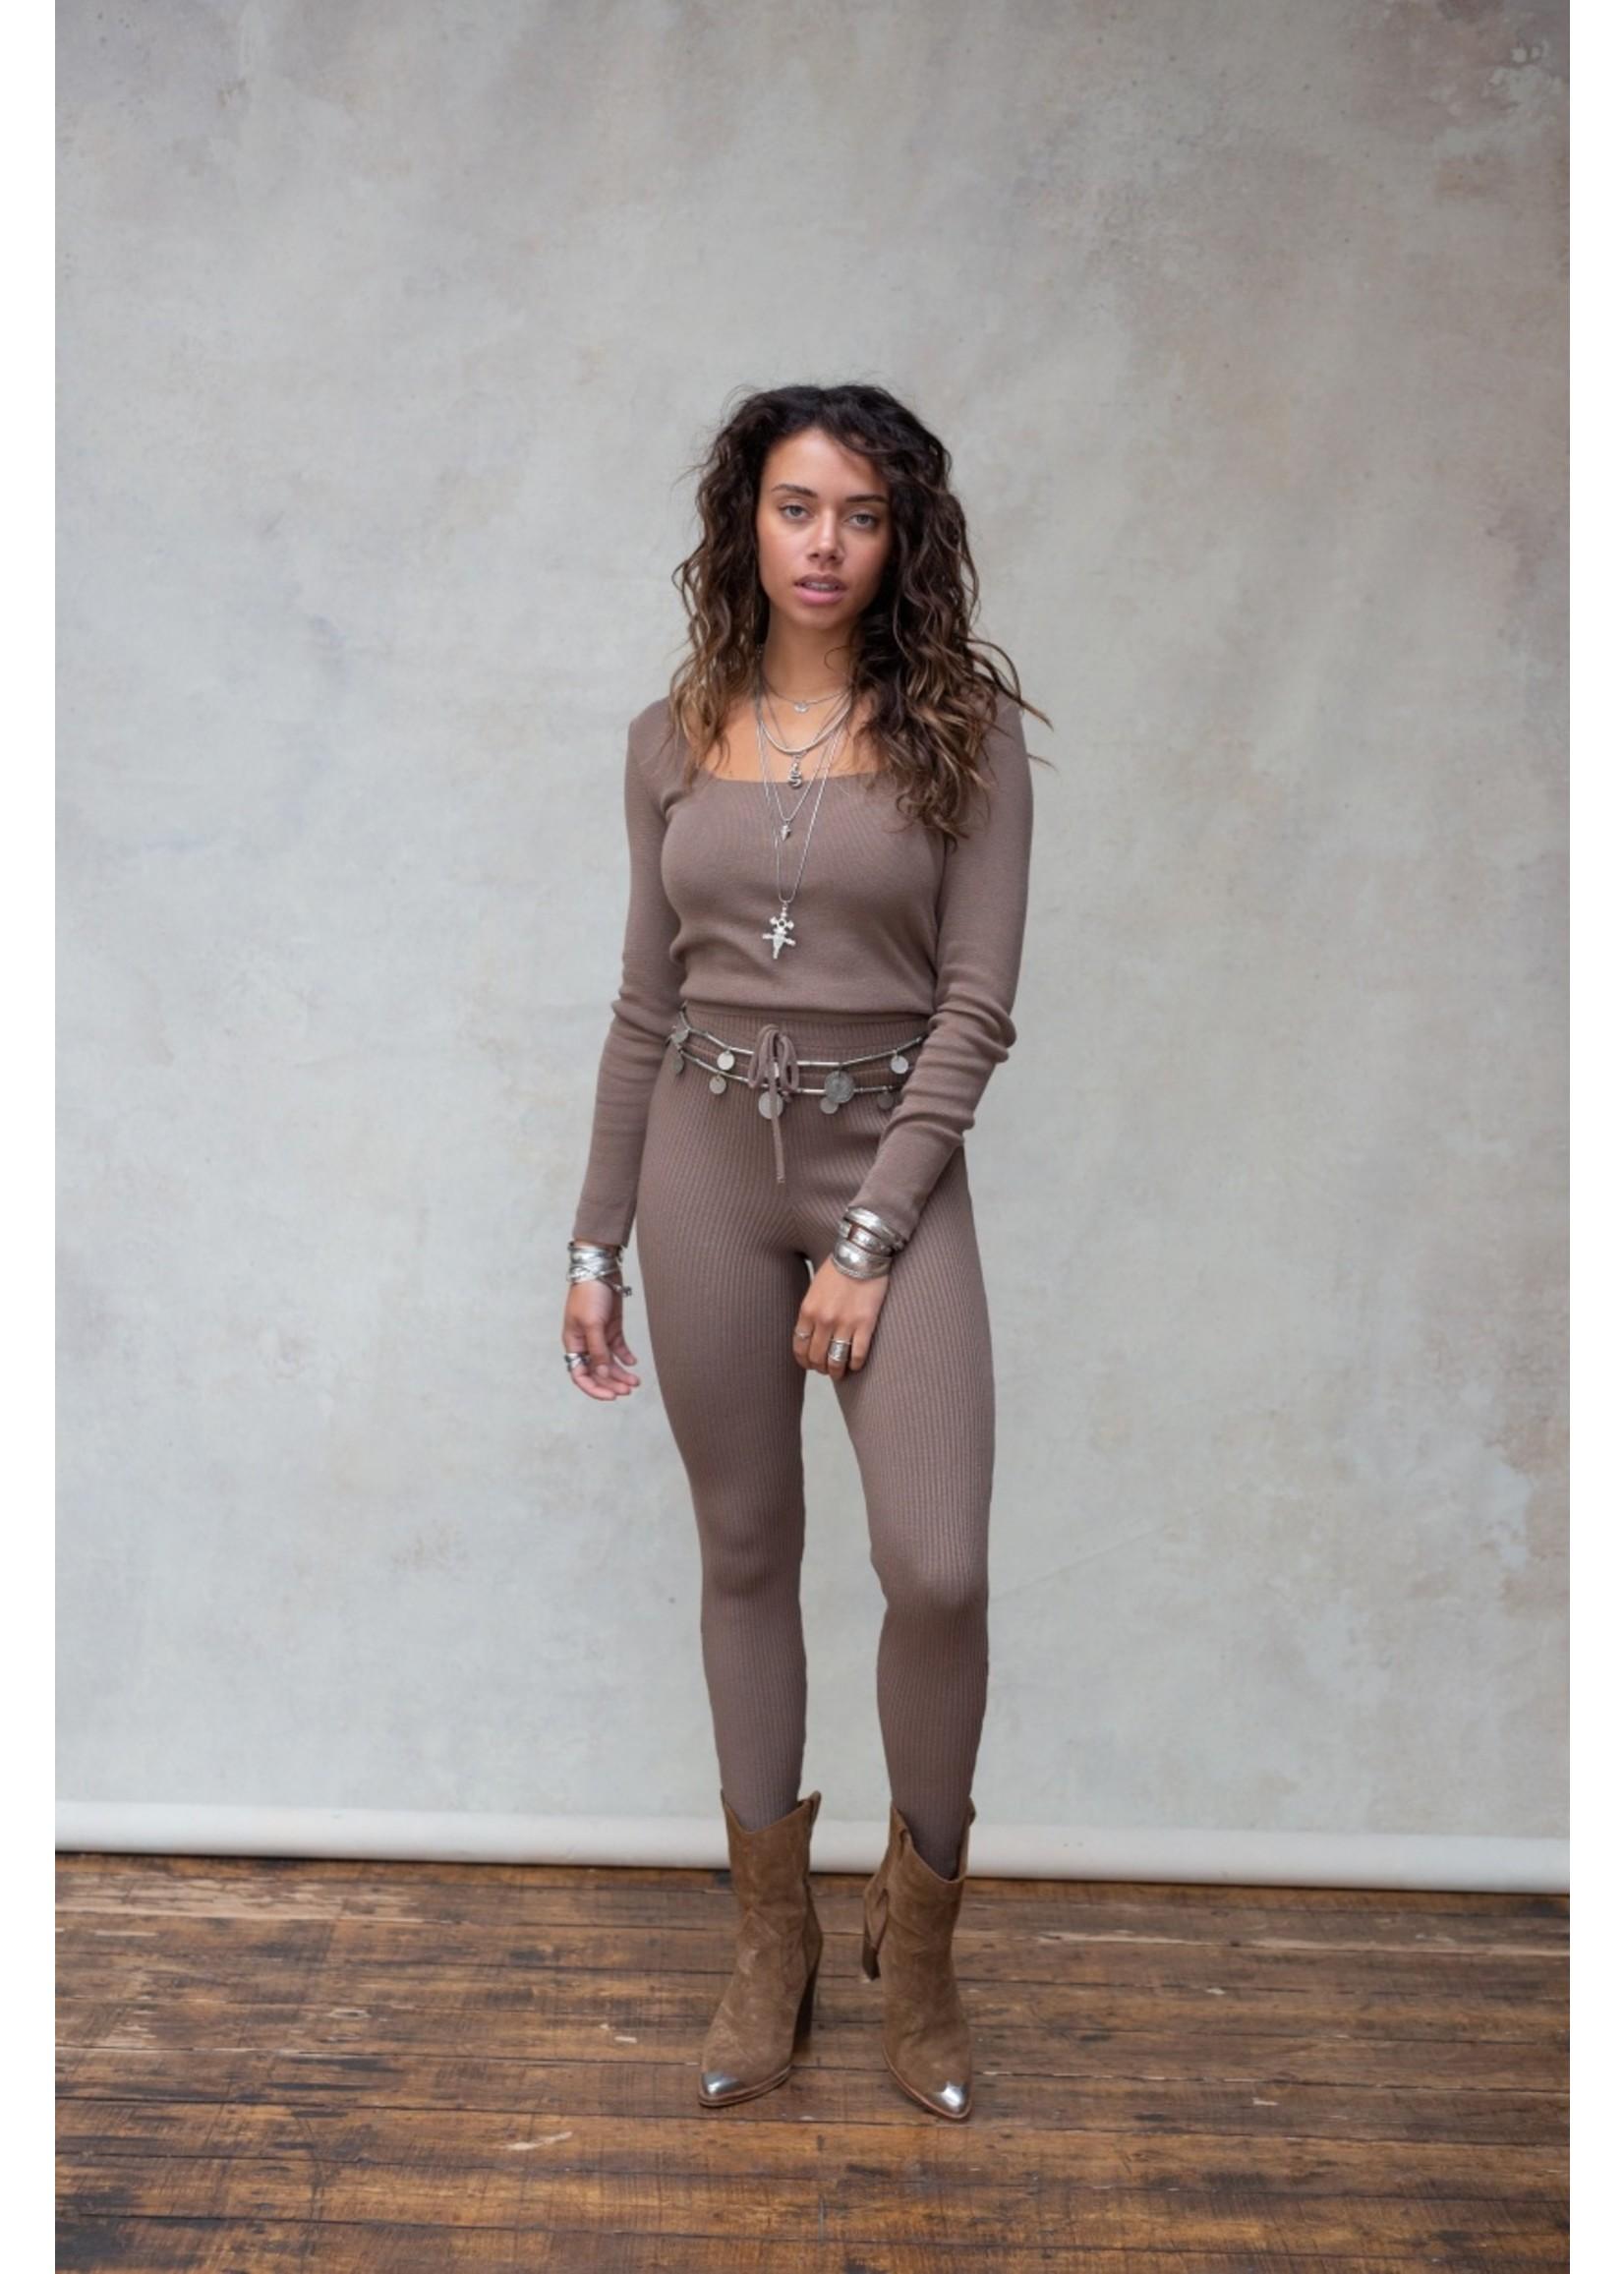 Moost Wanted Gebreide comfy broek legging Fierce knitted pants ASH BROWN